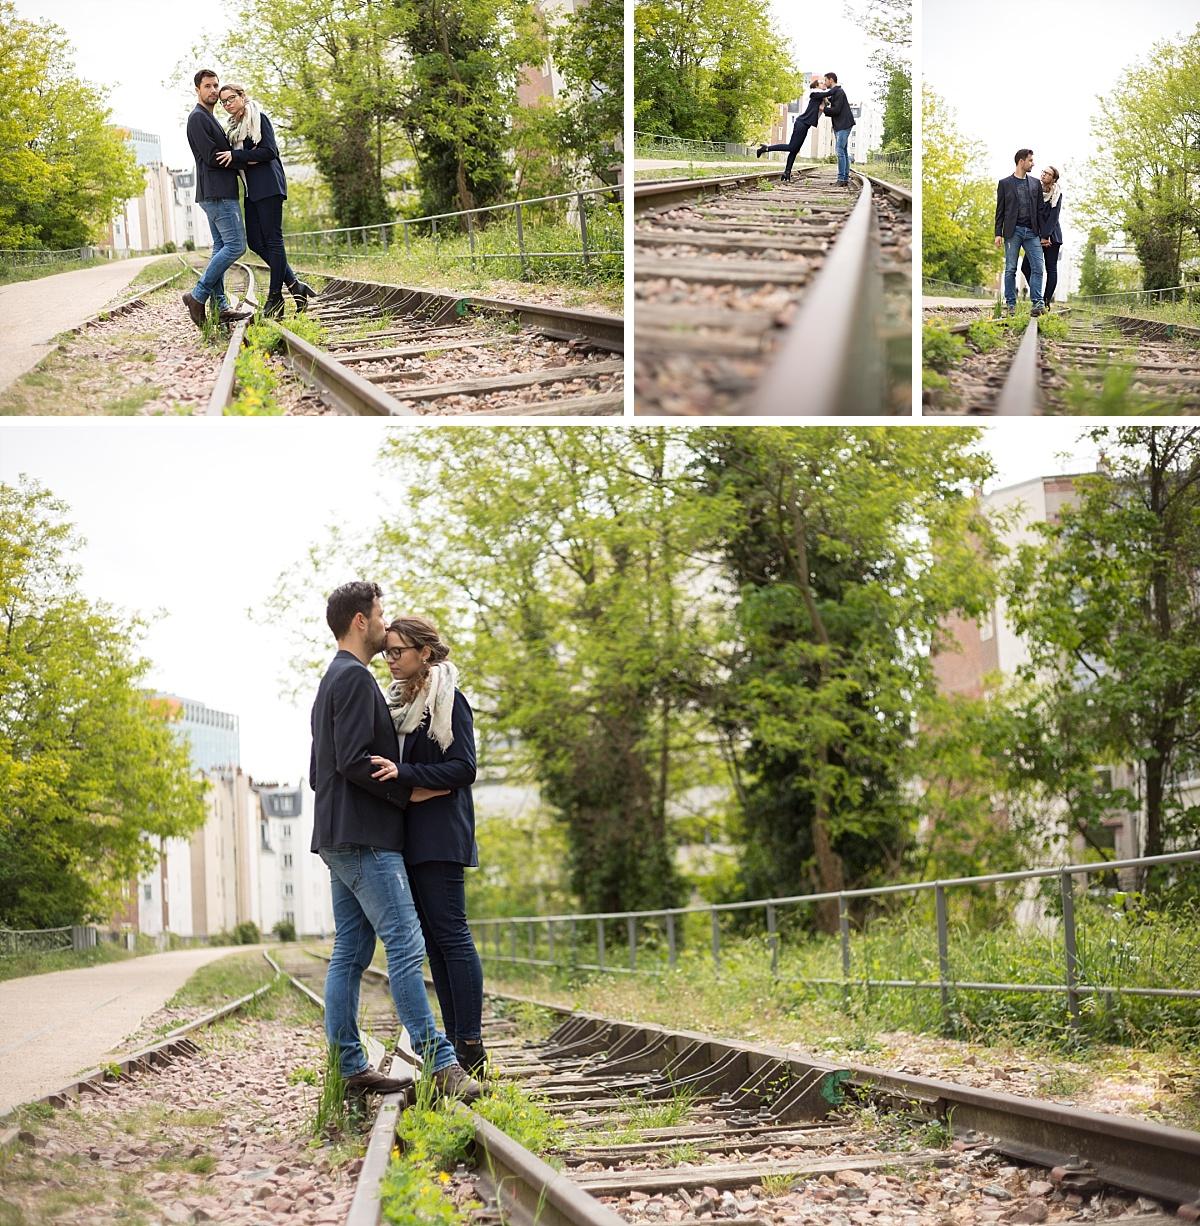 séance engagement-love-session-petite-ceinture-15-paris-photographe-mariage-couple-anais-bertrand-toulouse